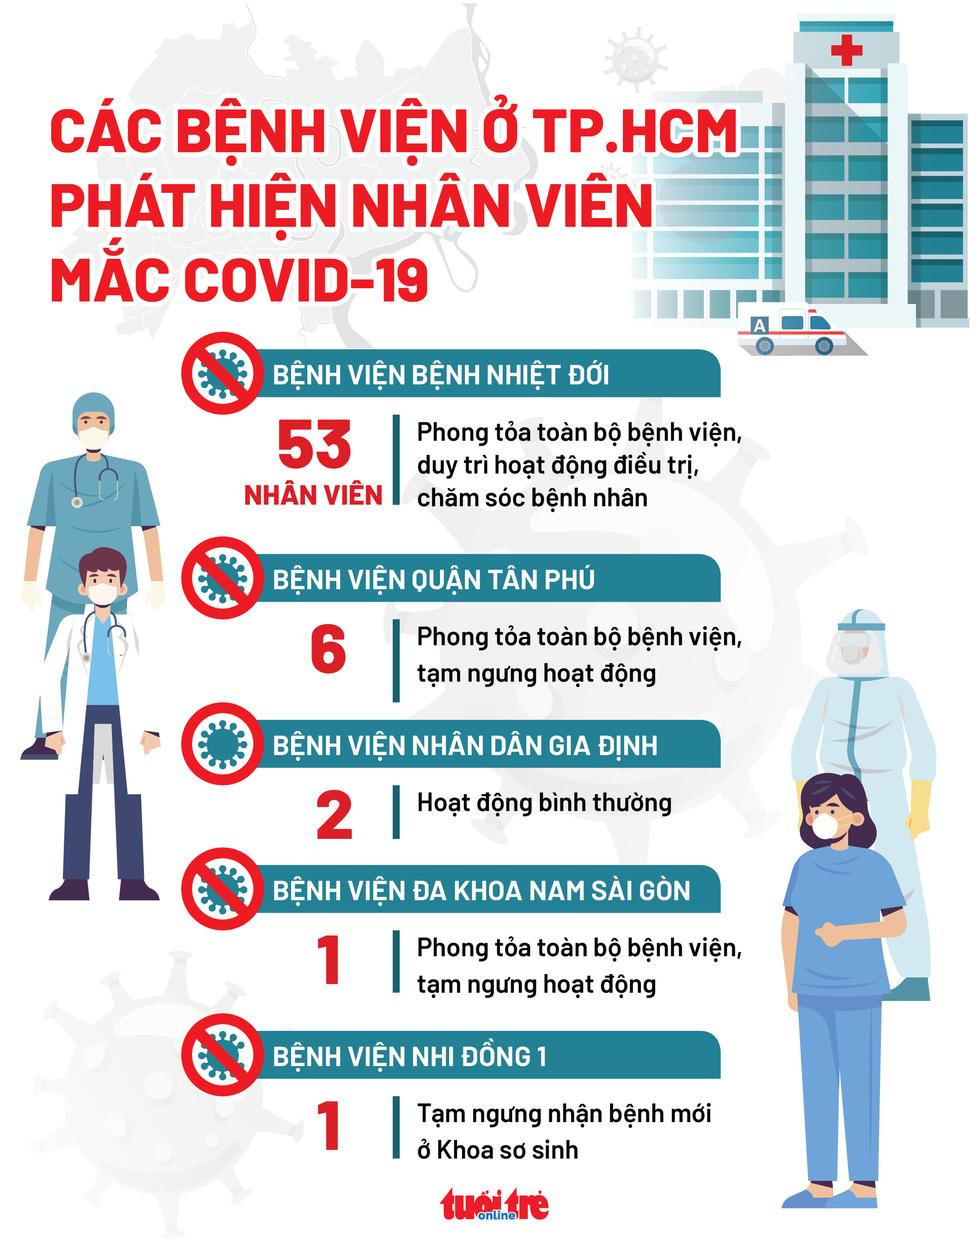 3/5 bệnh viện ở TP.HCM có nhân viên mắc COVID-19 bị phong tỏa toàn bộ - Ảnh 1.